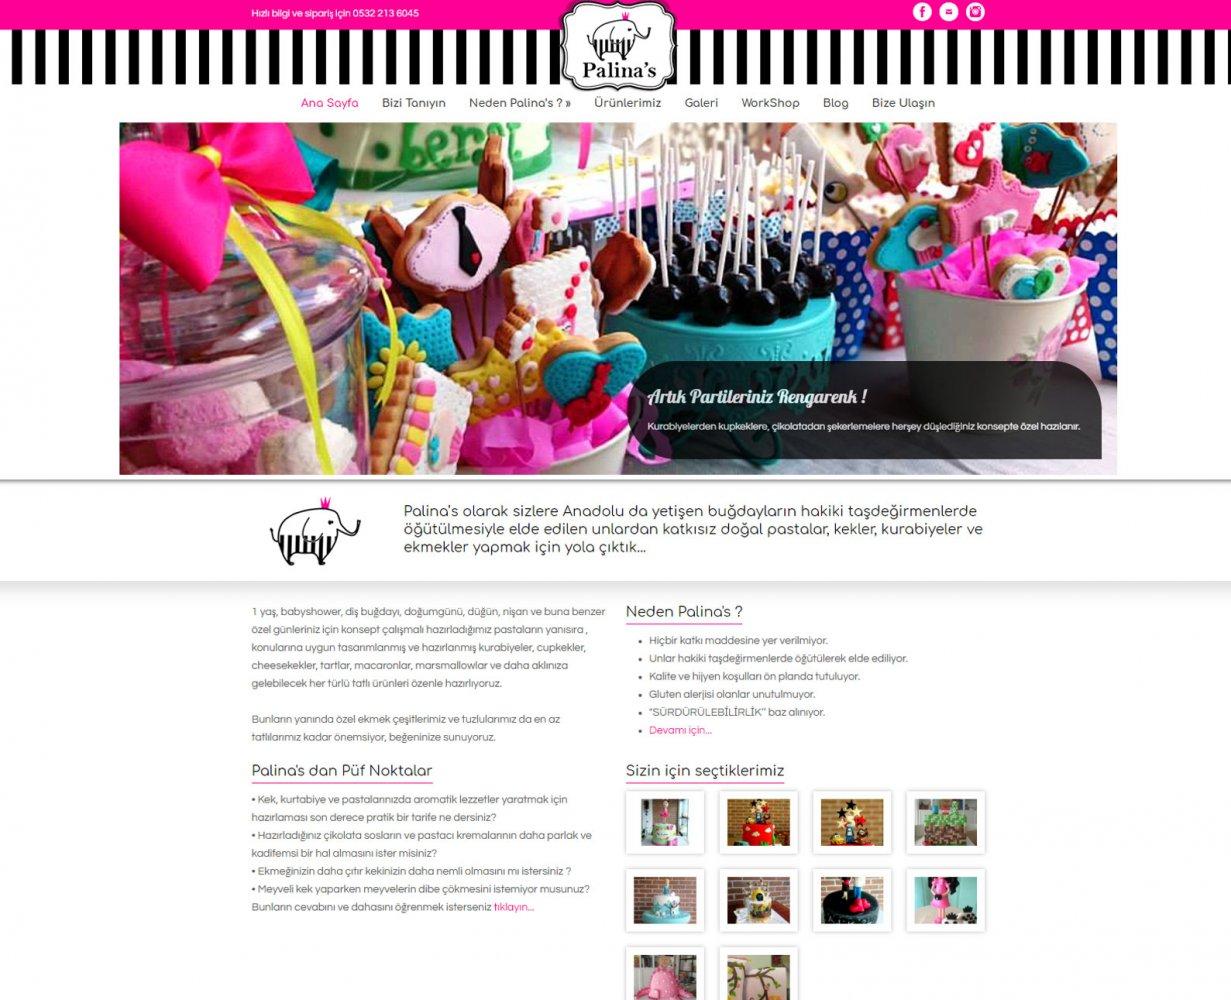 Palinas.com.tr